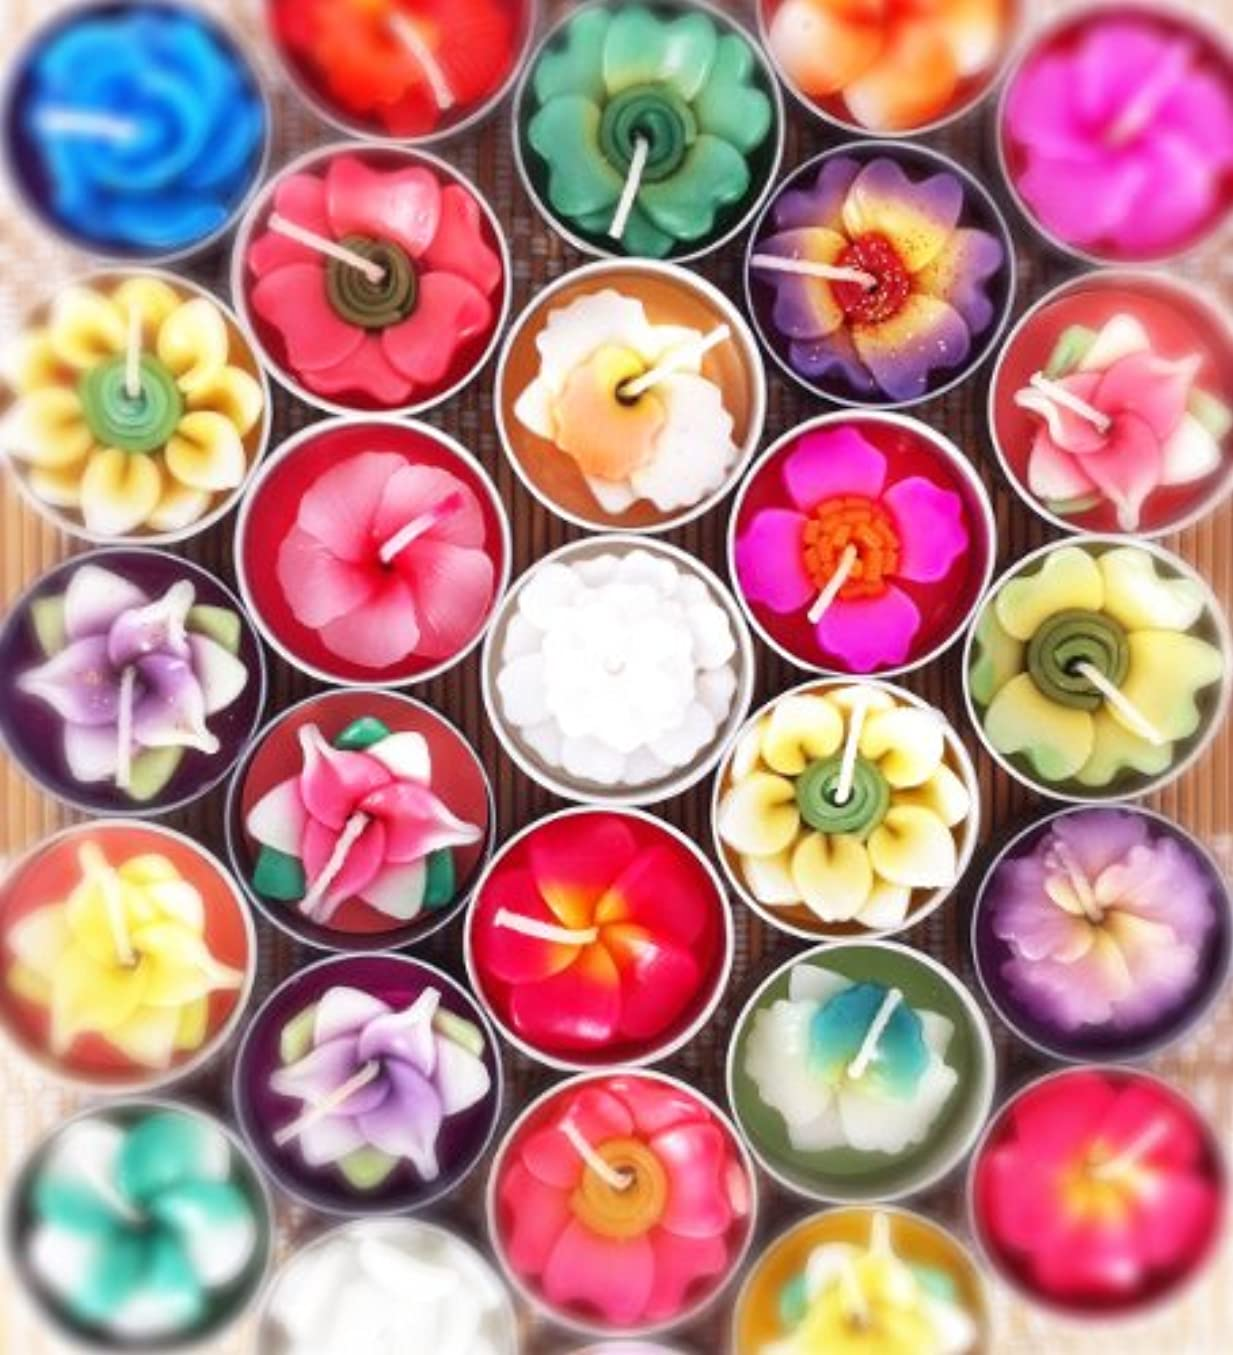 騒ぎ戻る閲覧するTiddin Design【キャンドル】フラワーキャンドル/ティーライトキャンドル/ろうそく/花の香り/Flower Candle (10個入りお徳用パック)